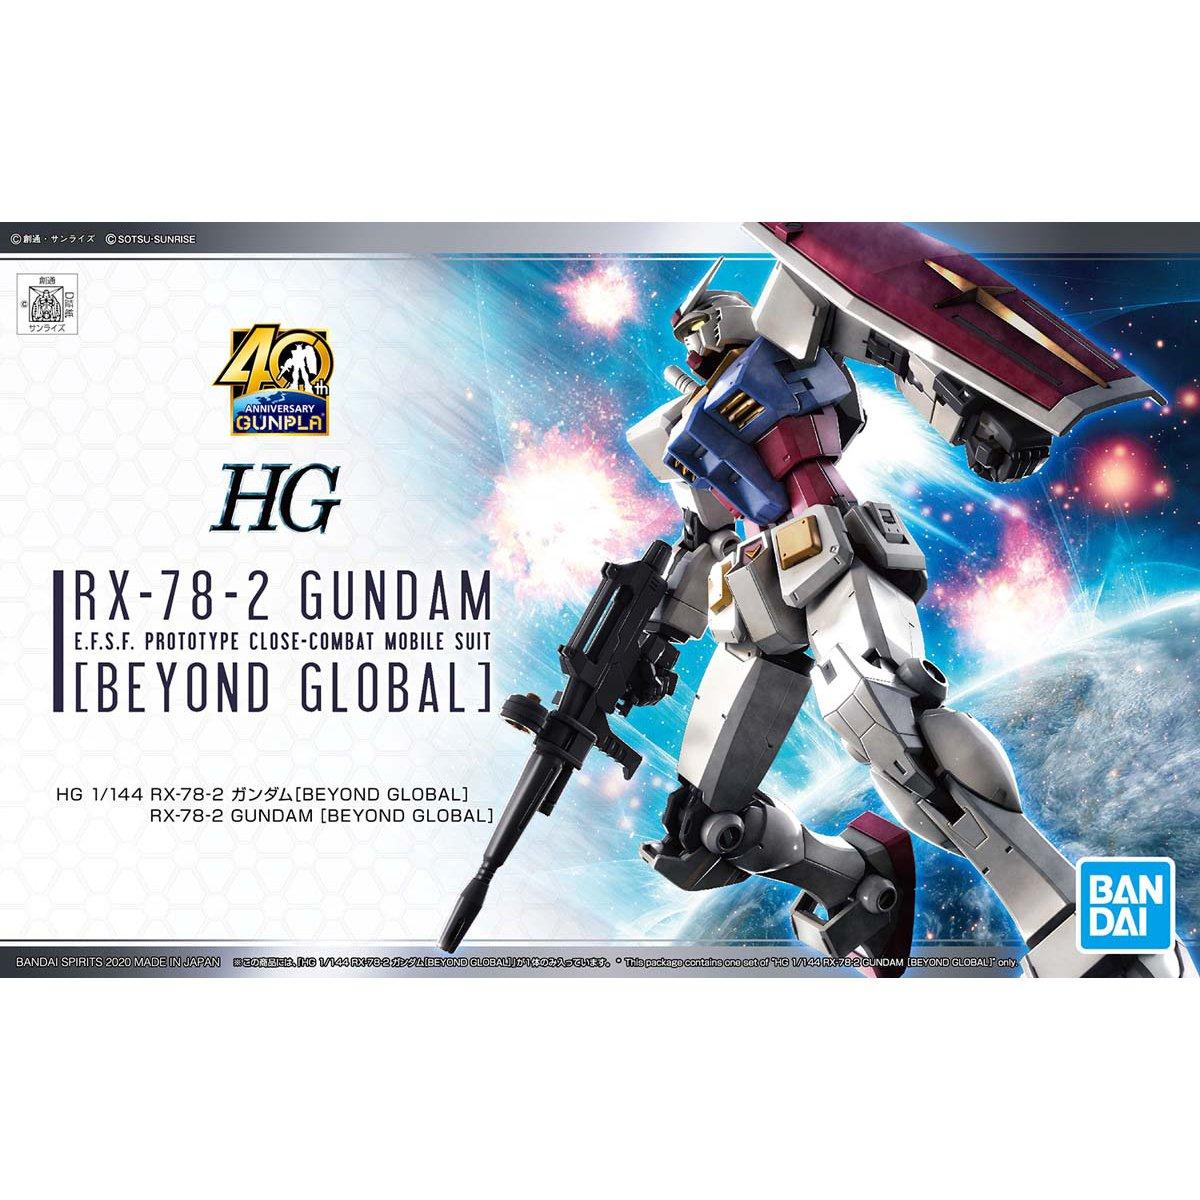 鋼彈gundam組合模型 HG 1/144 RX-78-02鋼彈